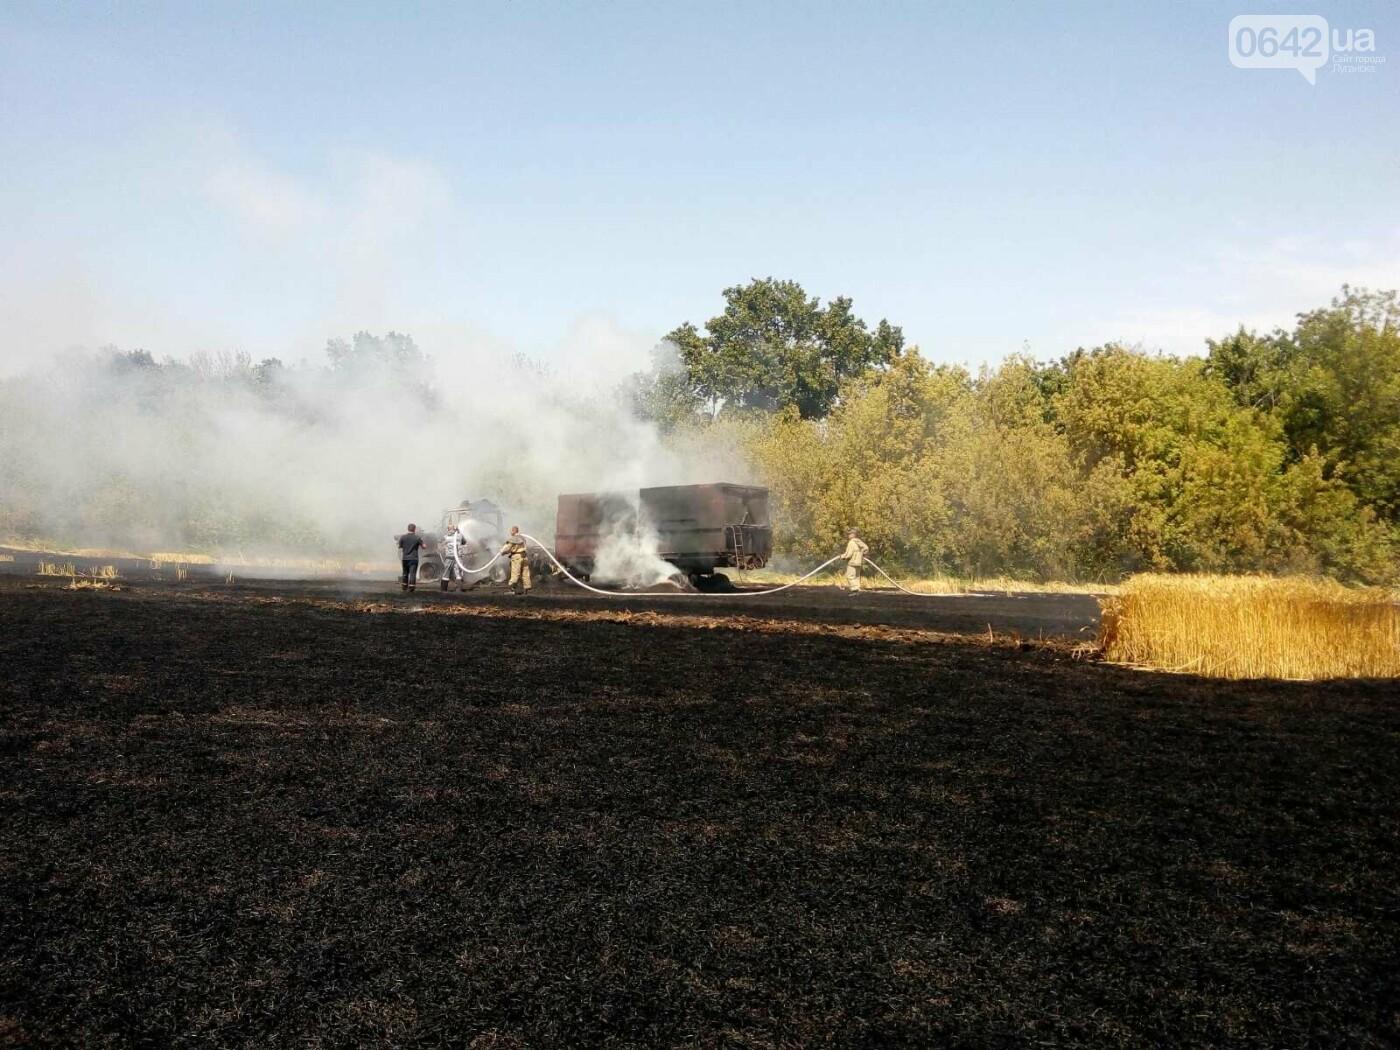 На Луганщине горело поле пшеницы, - ФОТО, фото-2